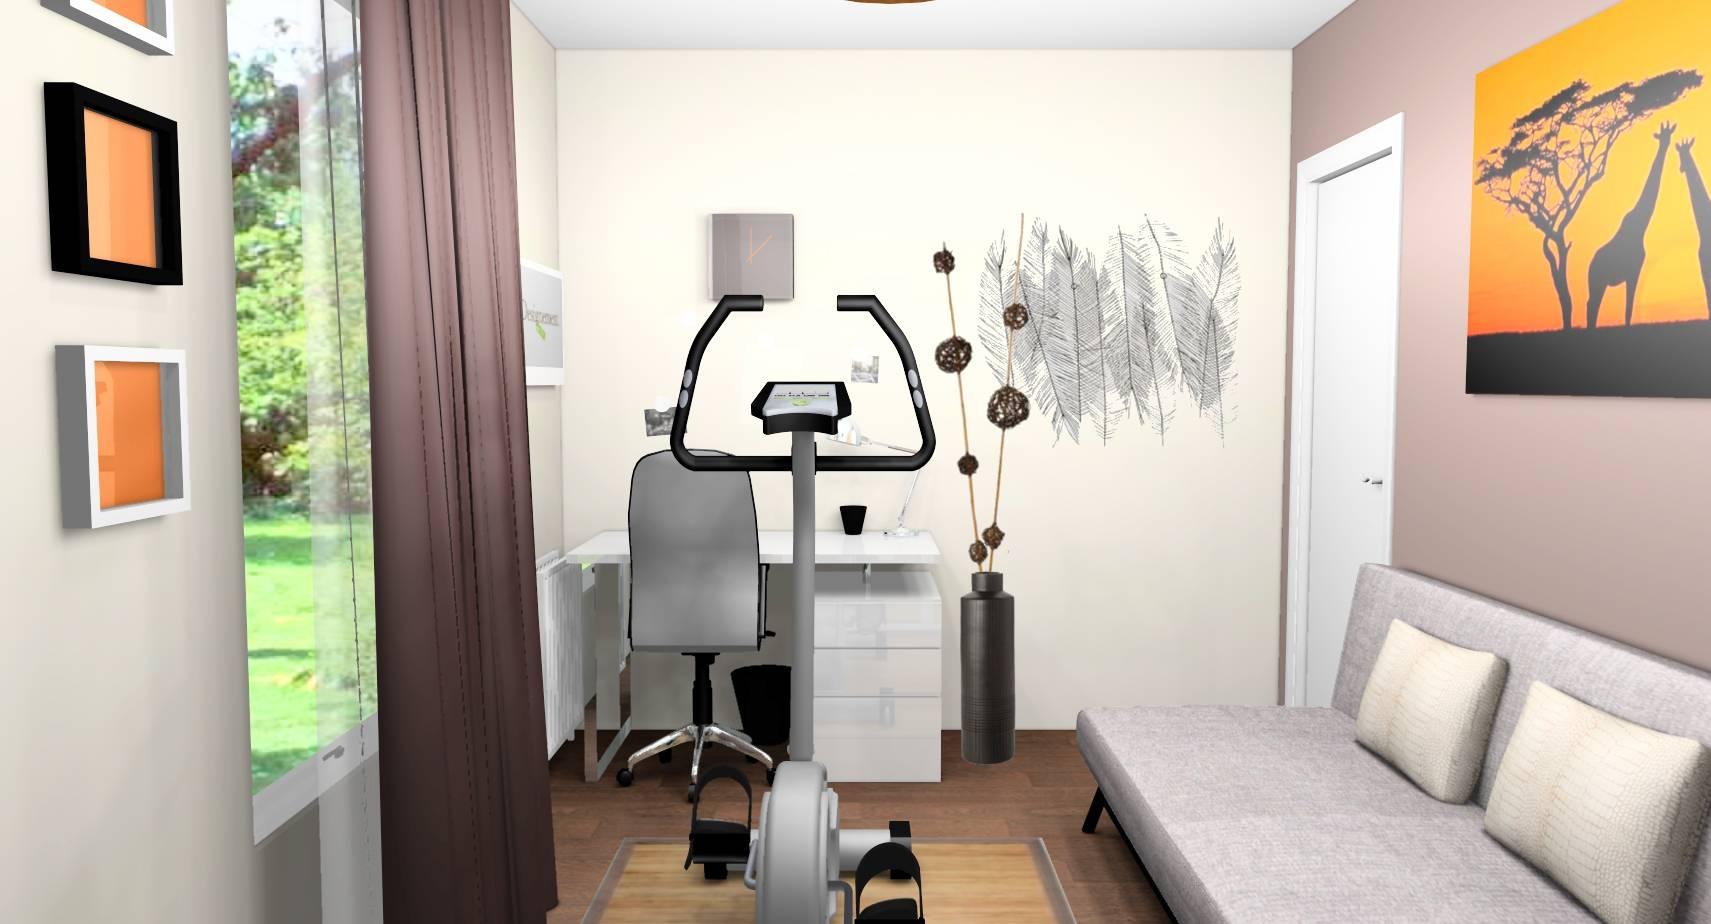 Deco Chambre Ami Bureau les stickers muraux en décoration d'intérieur : mode d